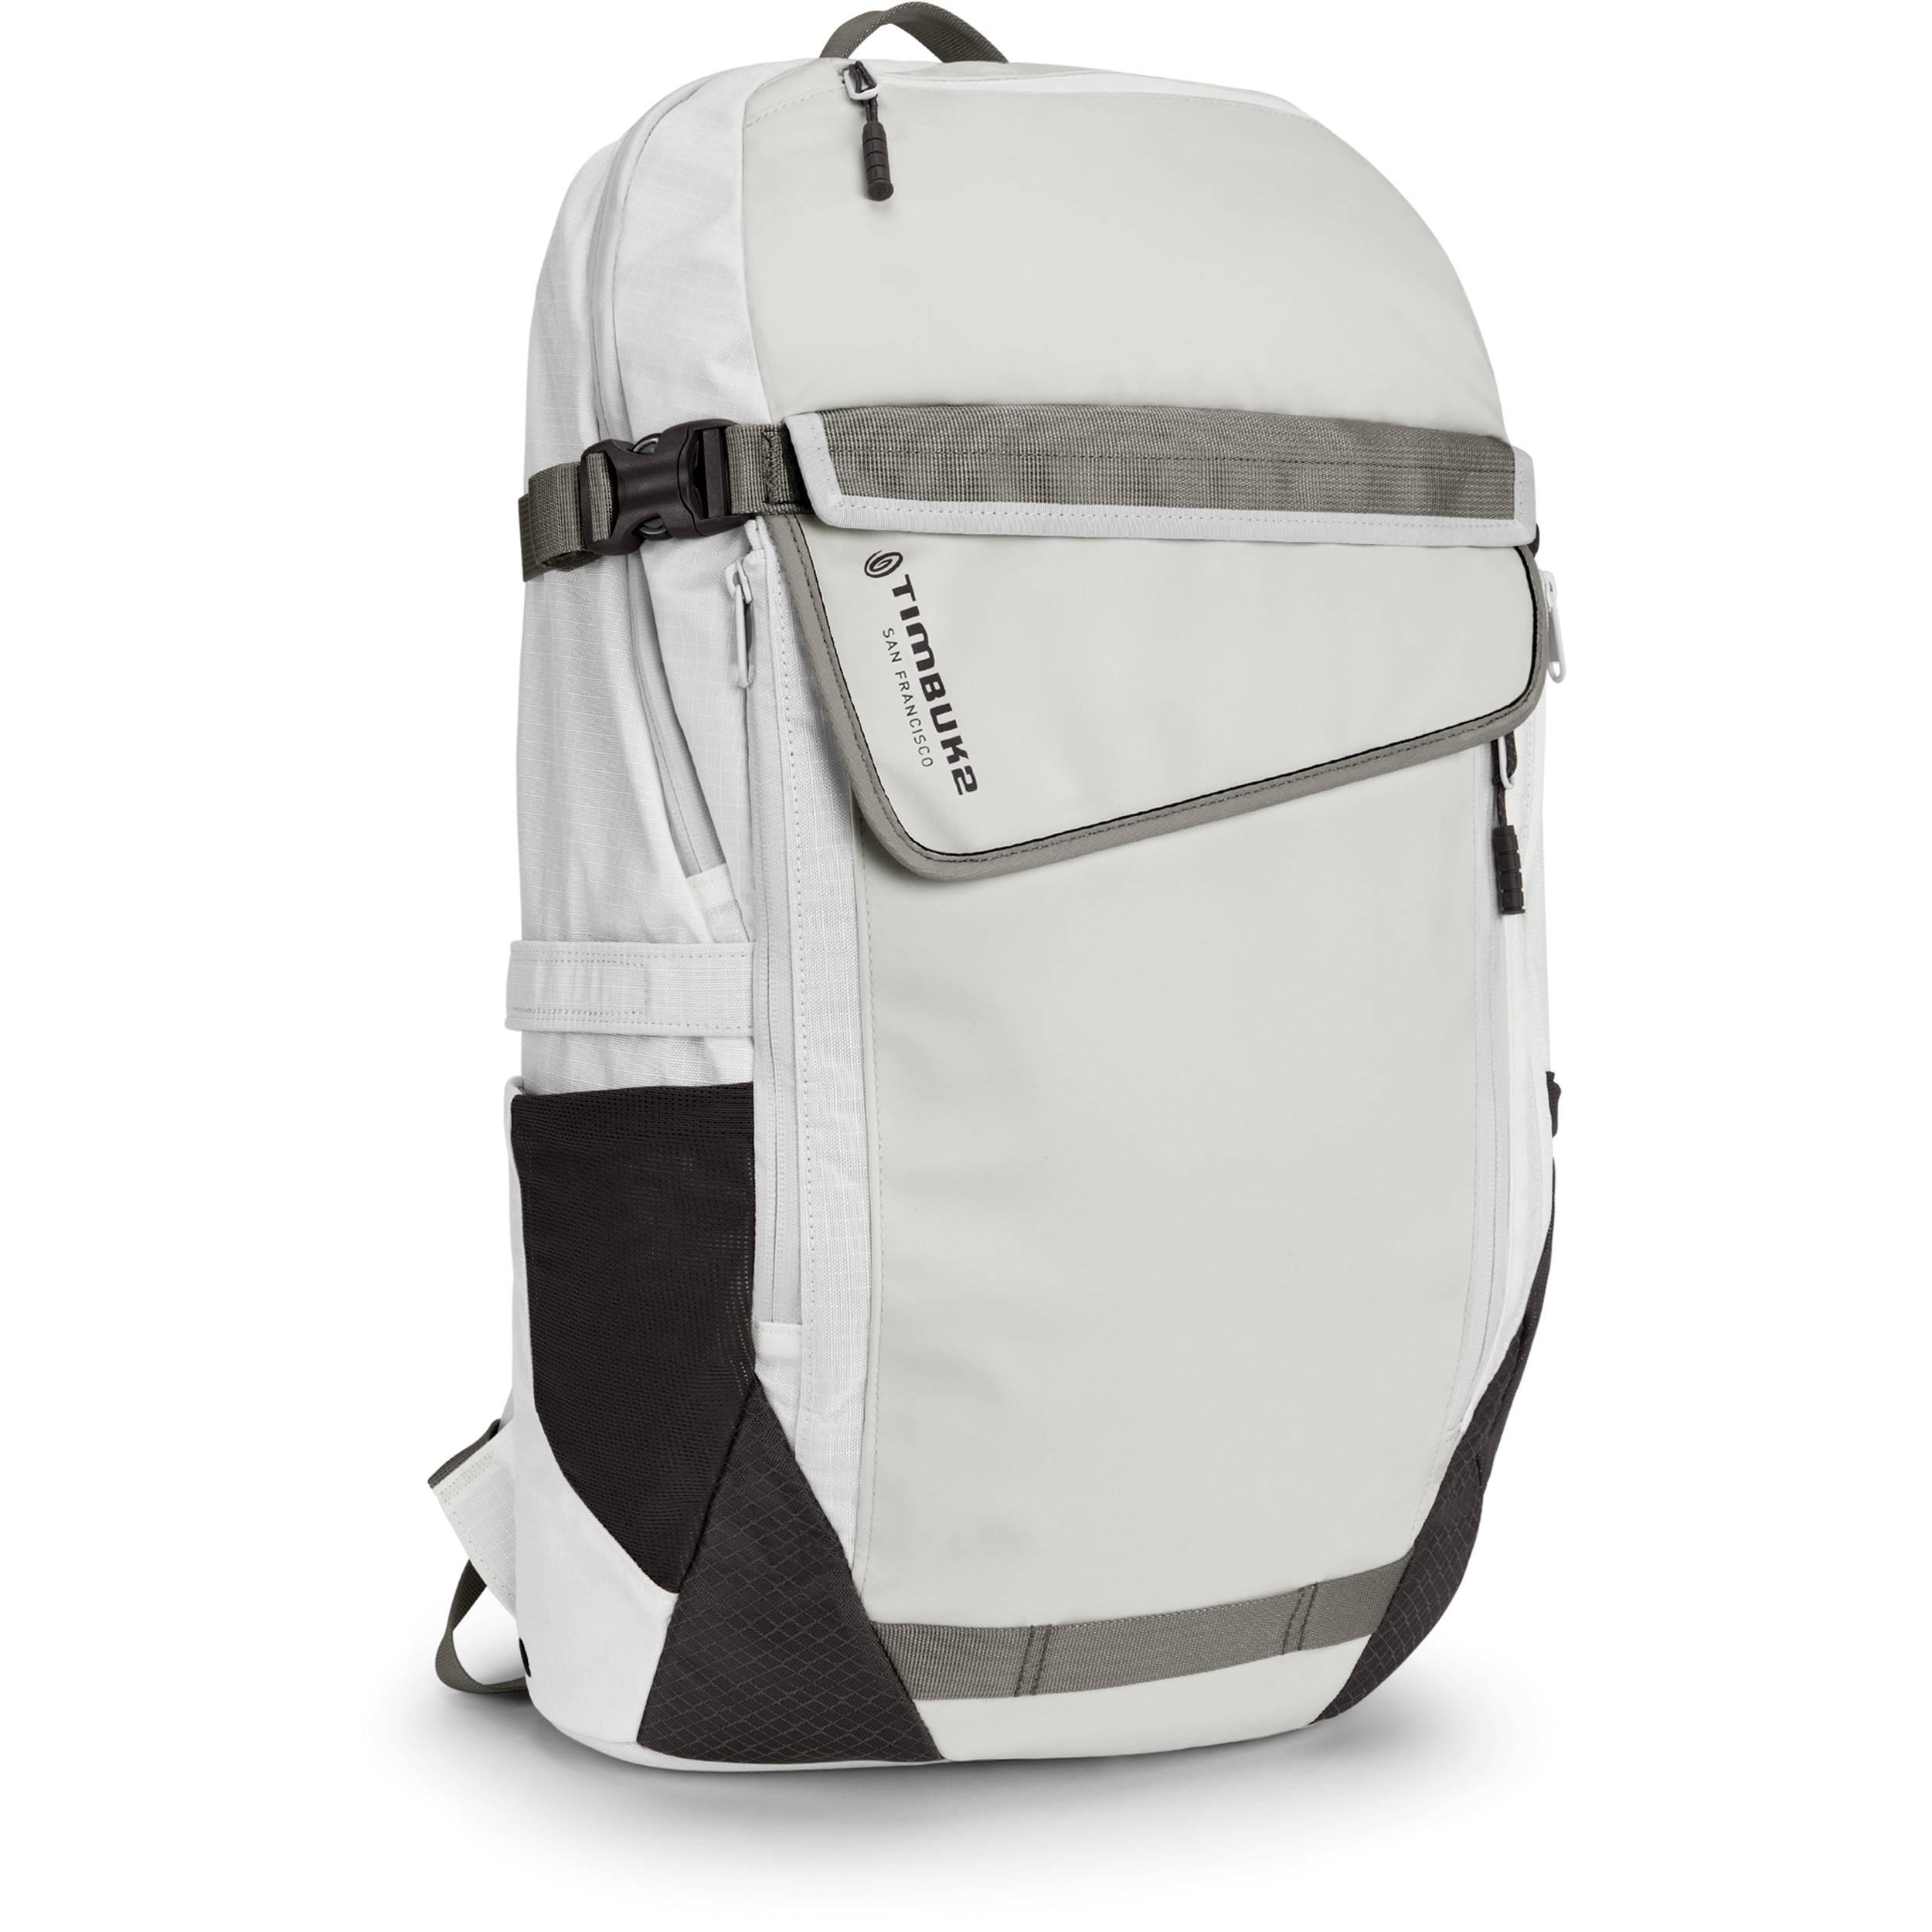 Timbuk2 Especial Medio Cycling Laptop Backpack 435-3-1111 B&H